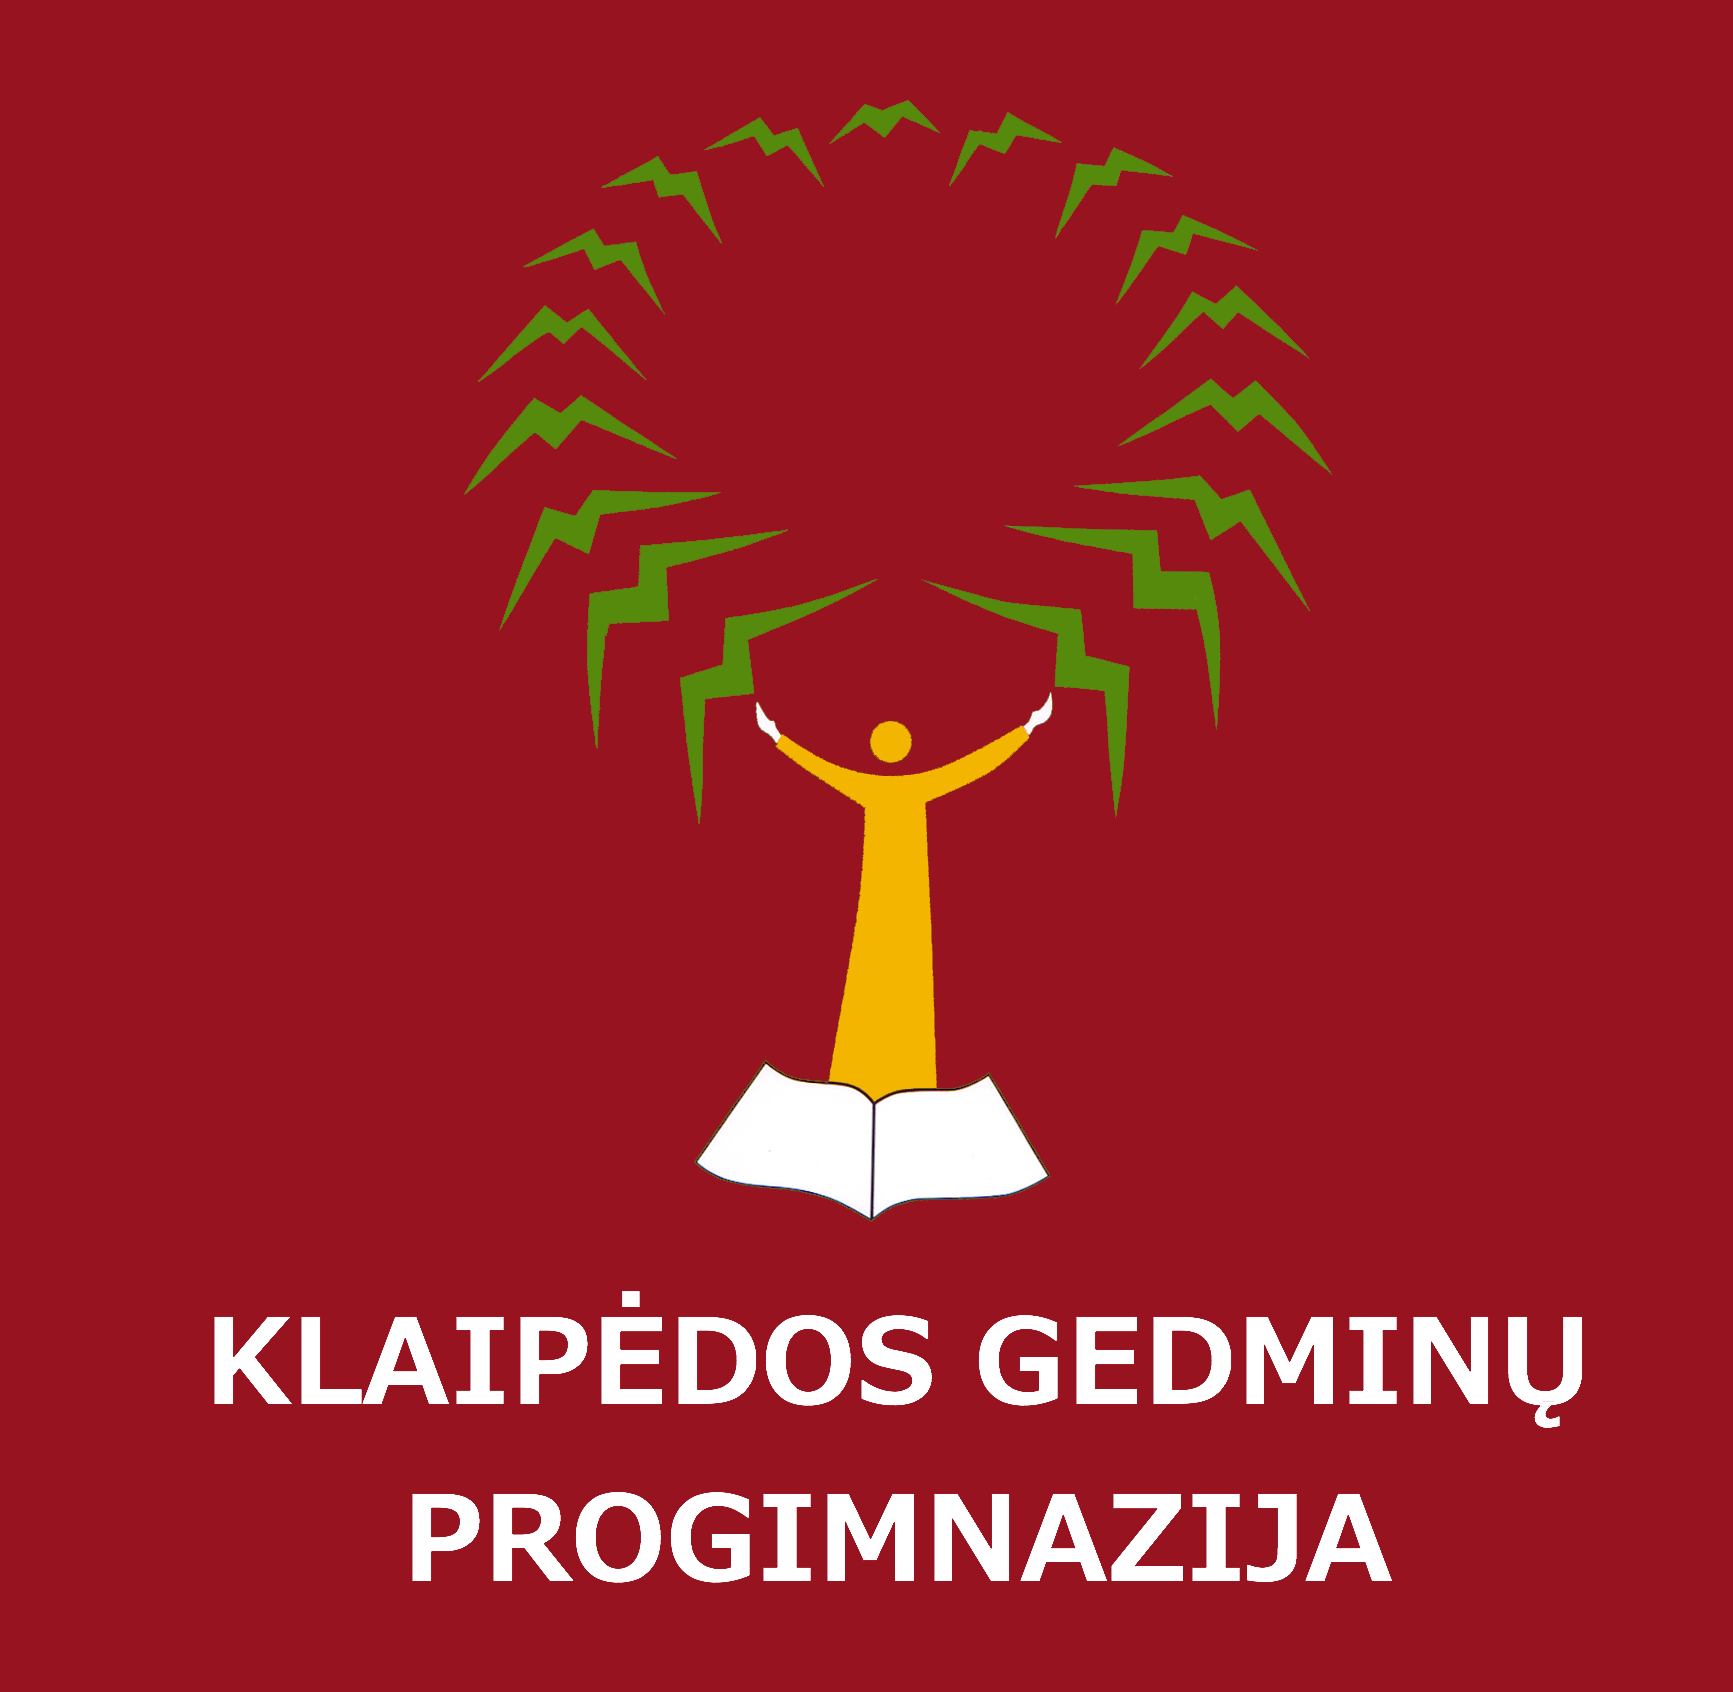 Klaipėdos miesto herbas